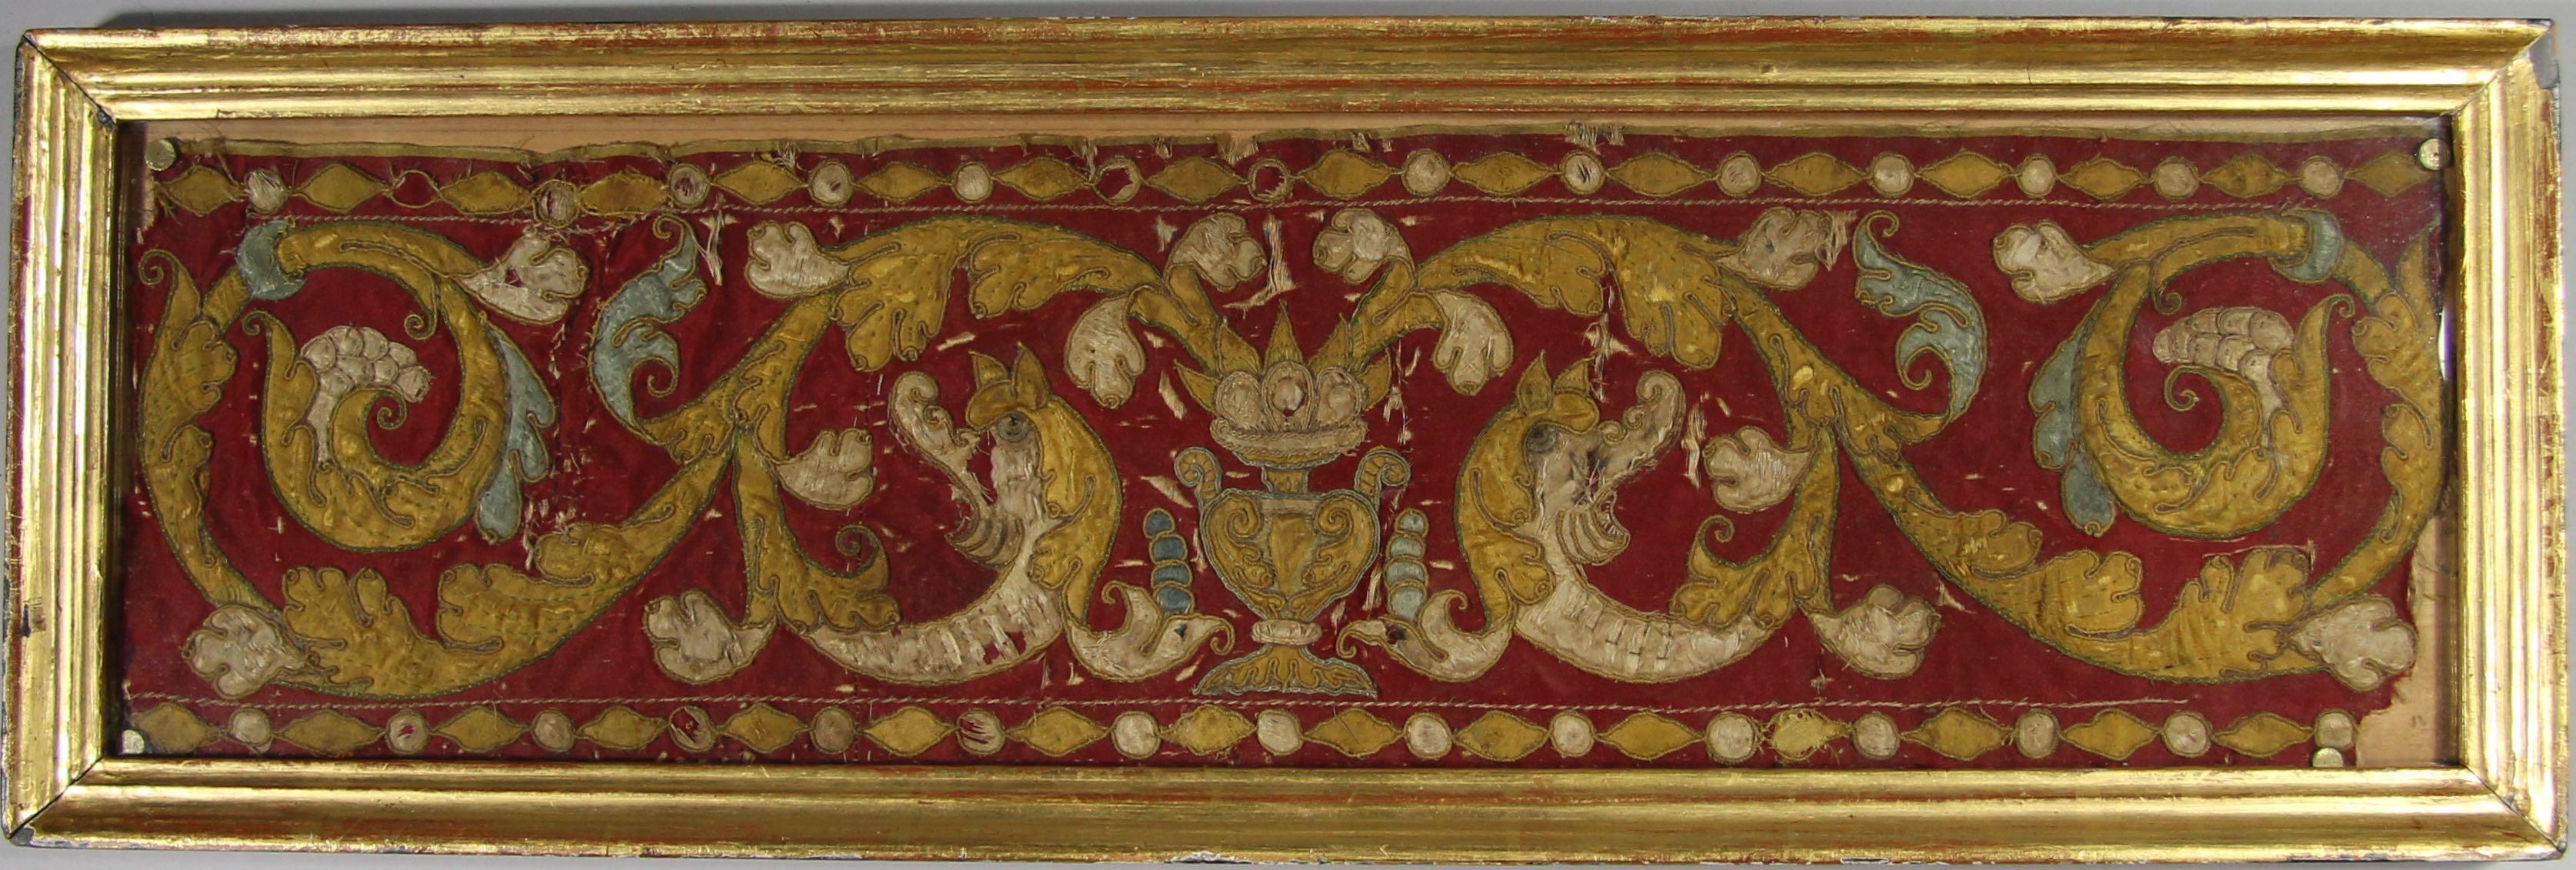 Embroidered appliqu� panel (framed fragment)